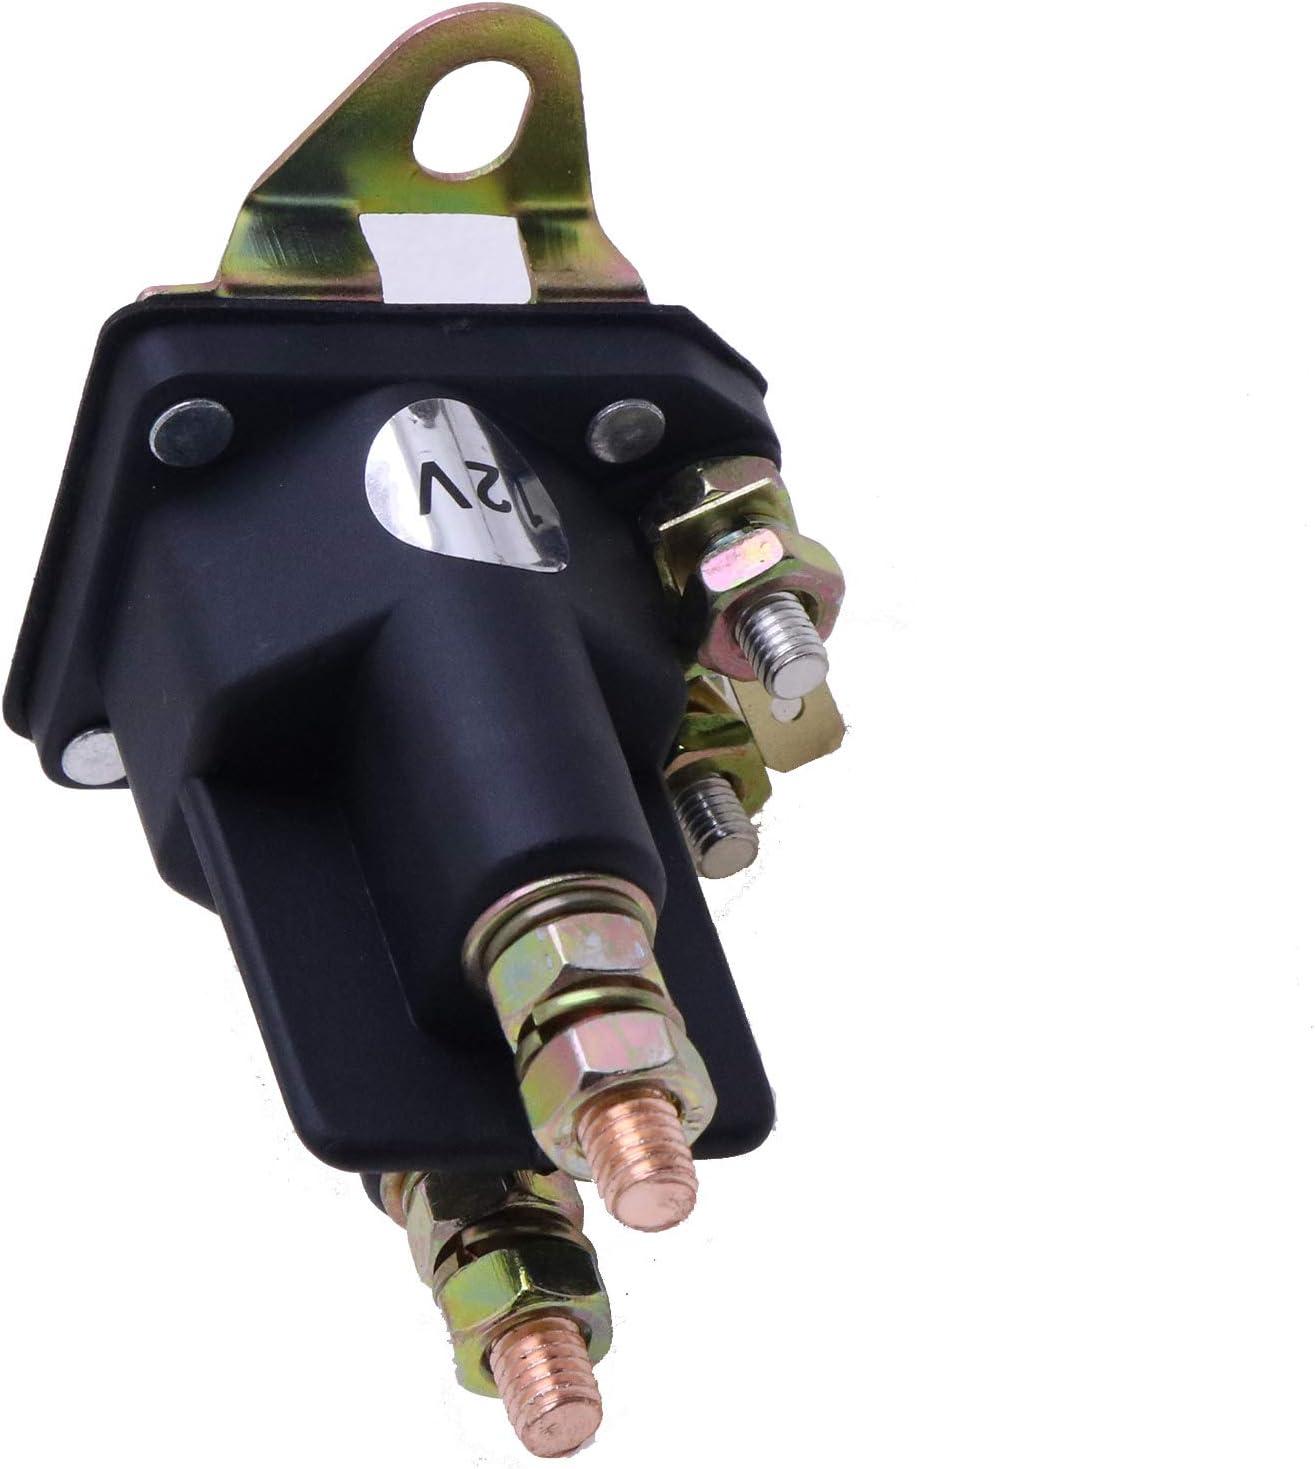 Friday Part 12V Starter Solenoid Relay Switch K3011-62250 for Kubota ZG123S ZG124E ZG127E ZG127S Zero Turn Mower